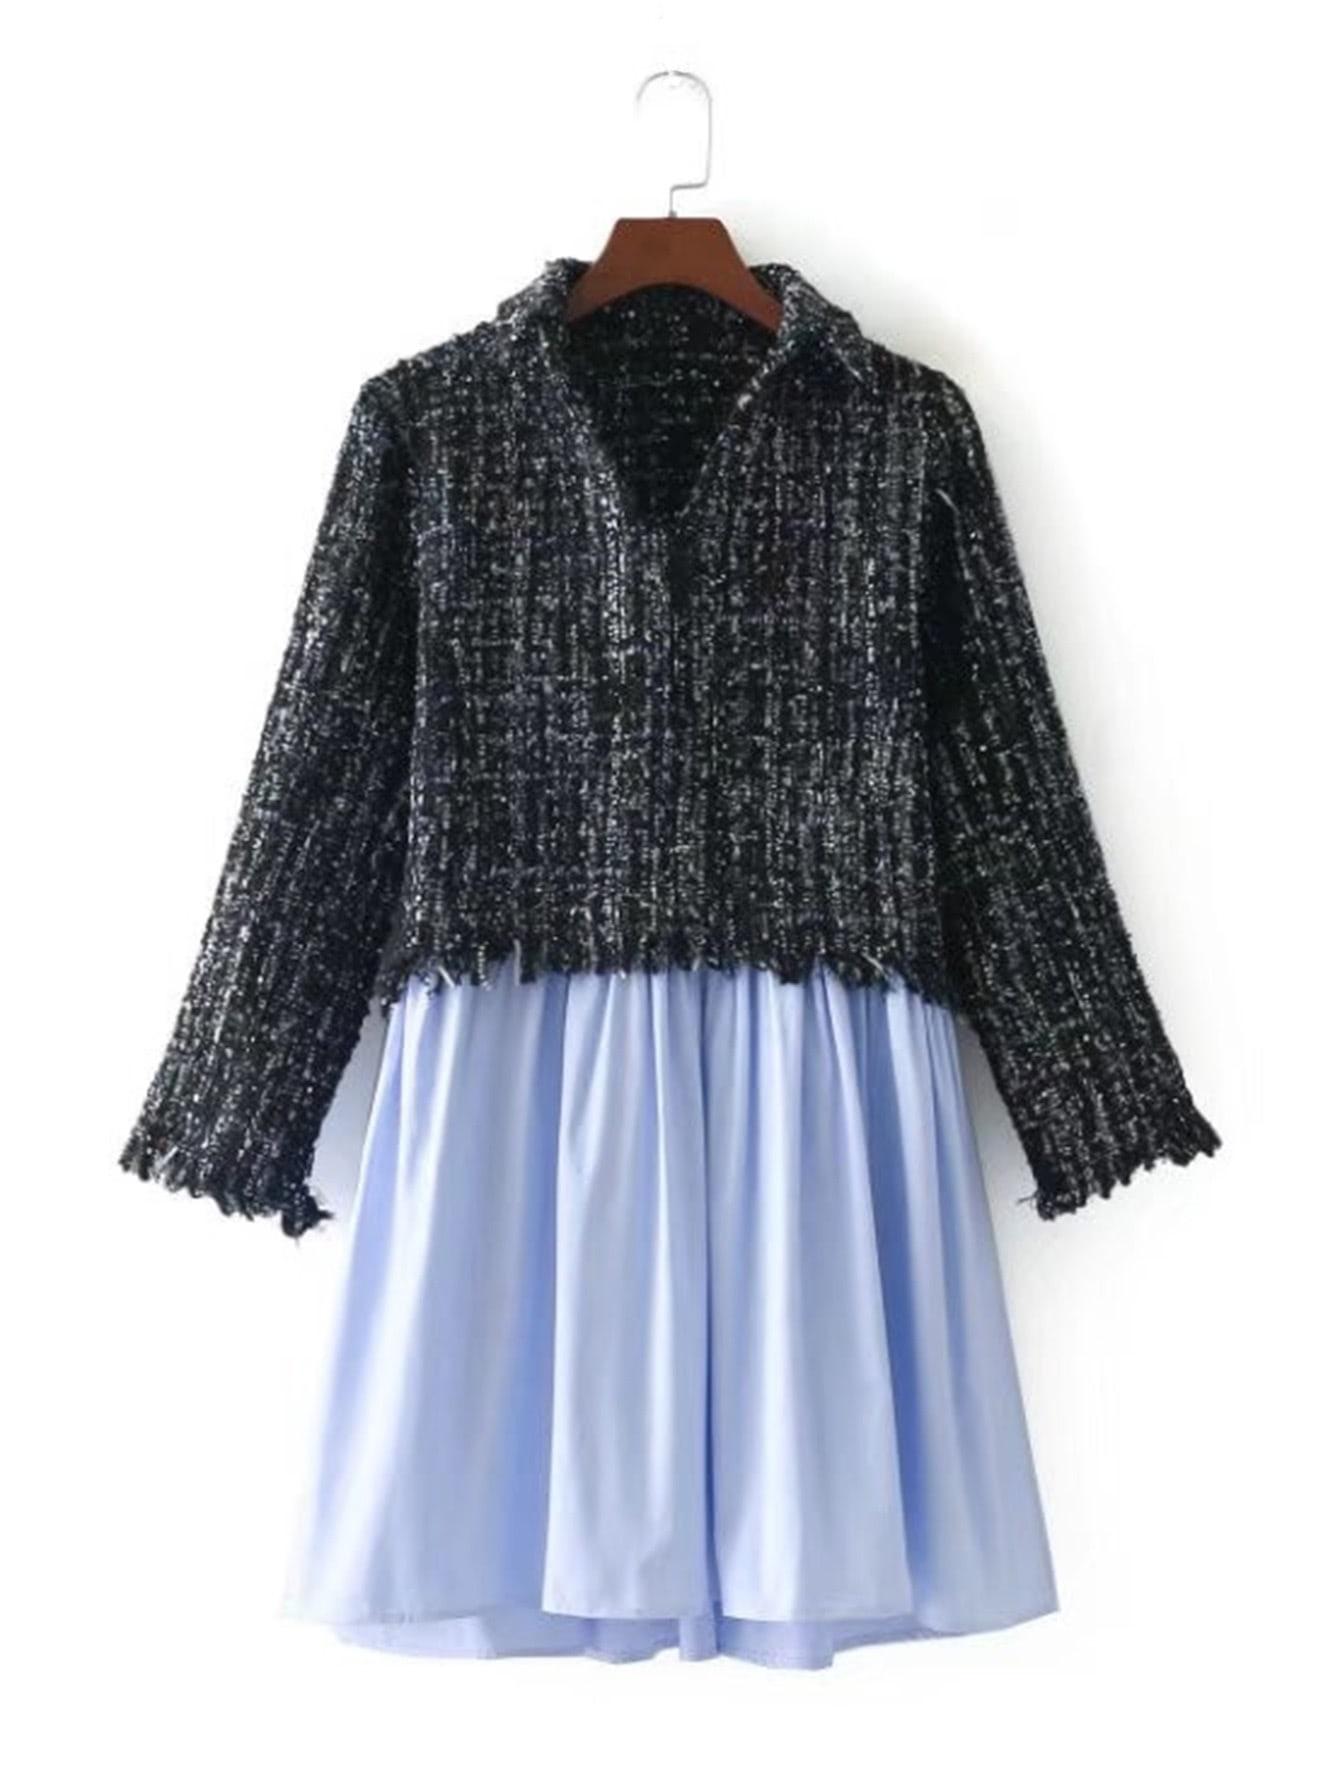 2 In 1 Tweed Dress